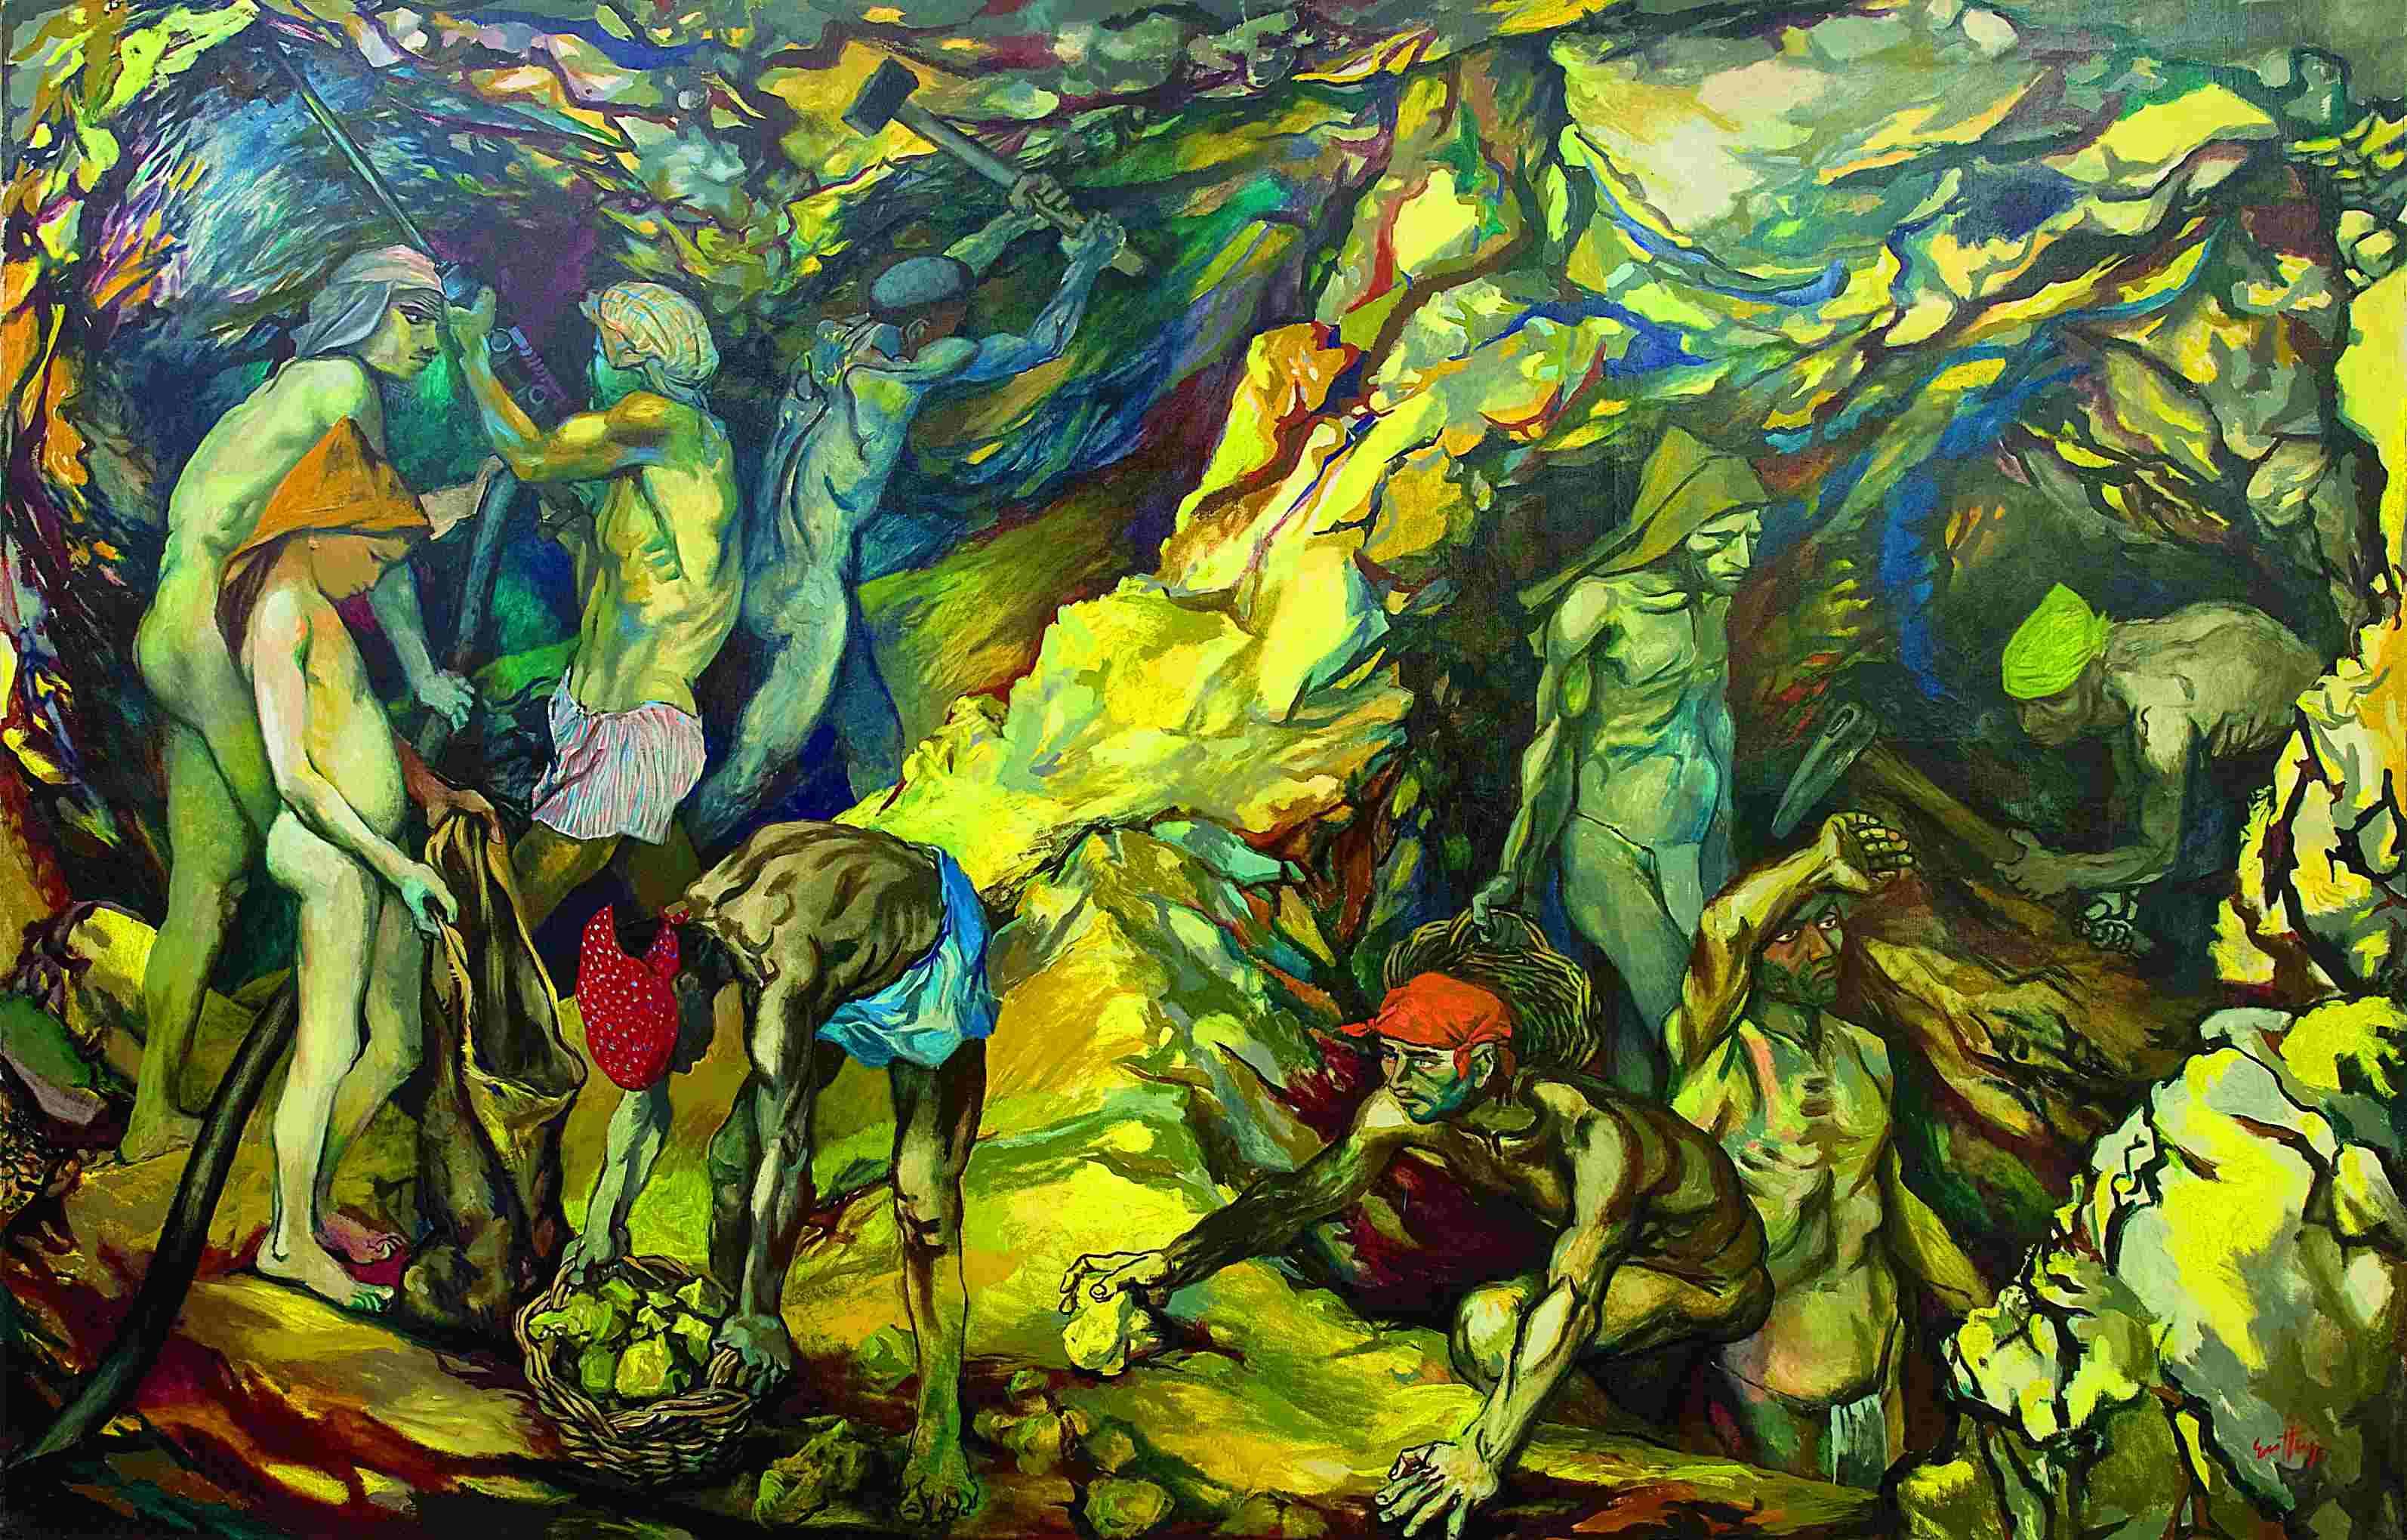 Renato Guttuso, Zolfara, 1953, olio su tela, cm 201,5 x 311 Museo d'Arte Moderna 'Mario Rimoldi', Regole d'Ampezzo, Cortina d'Ampezzo